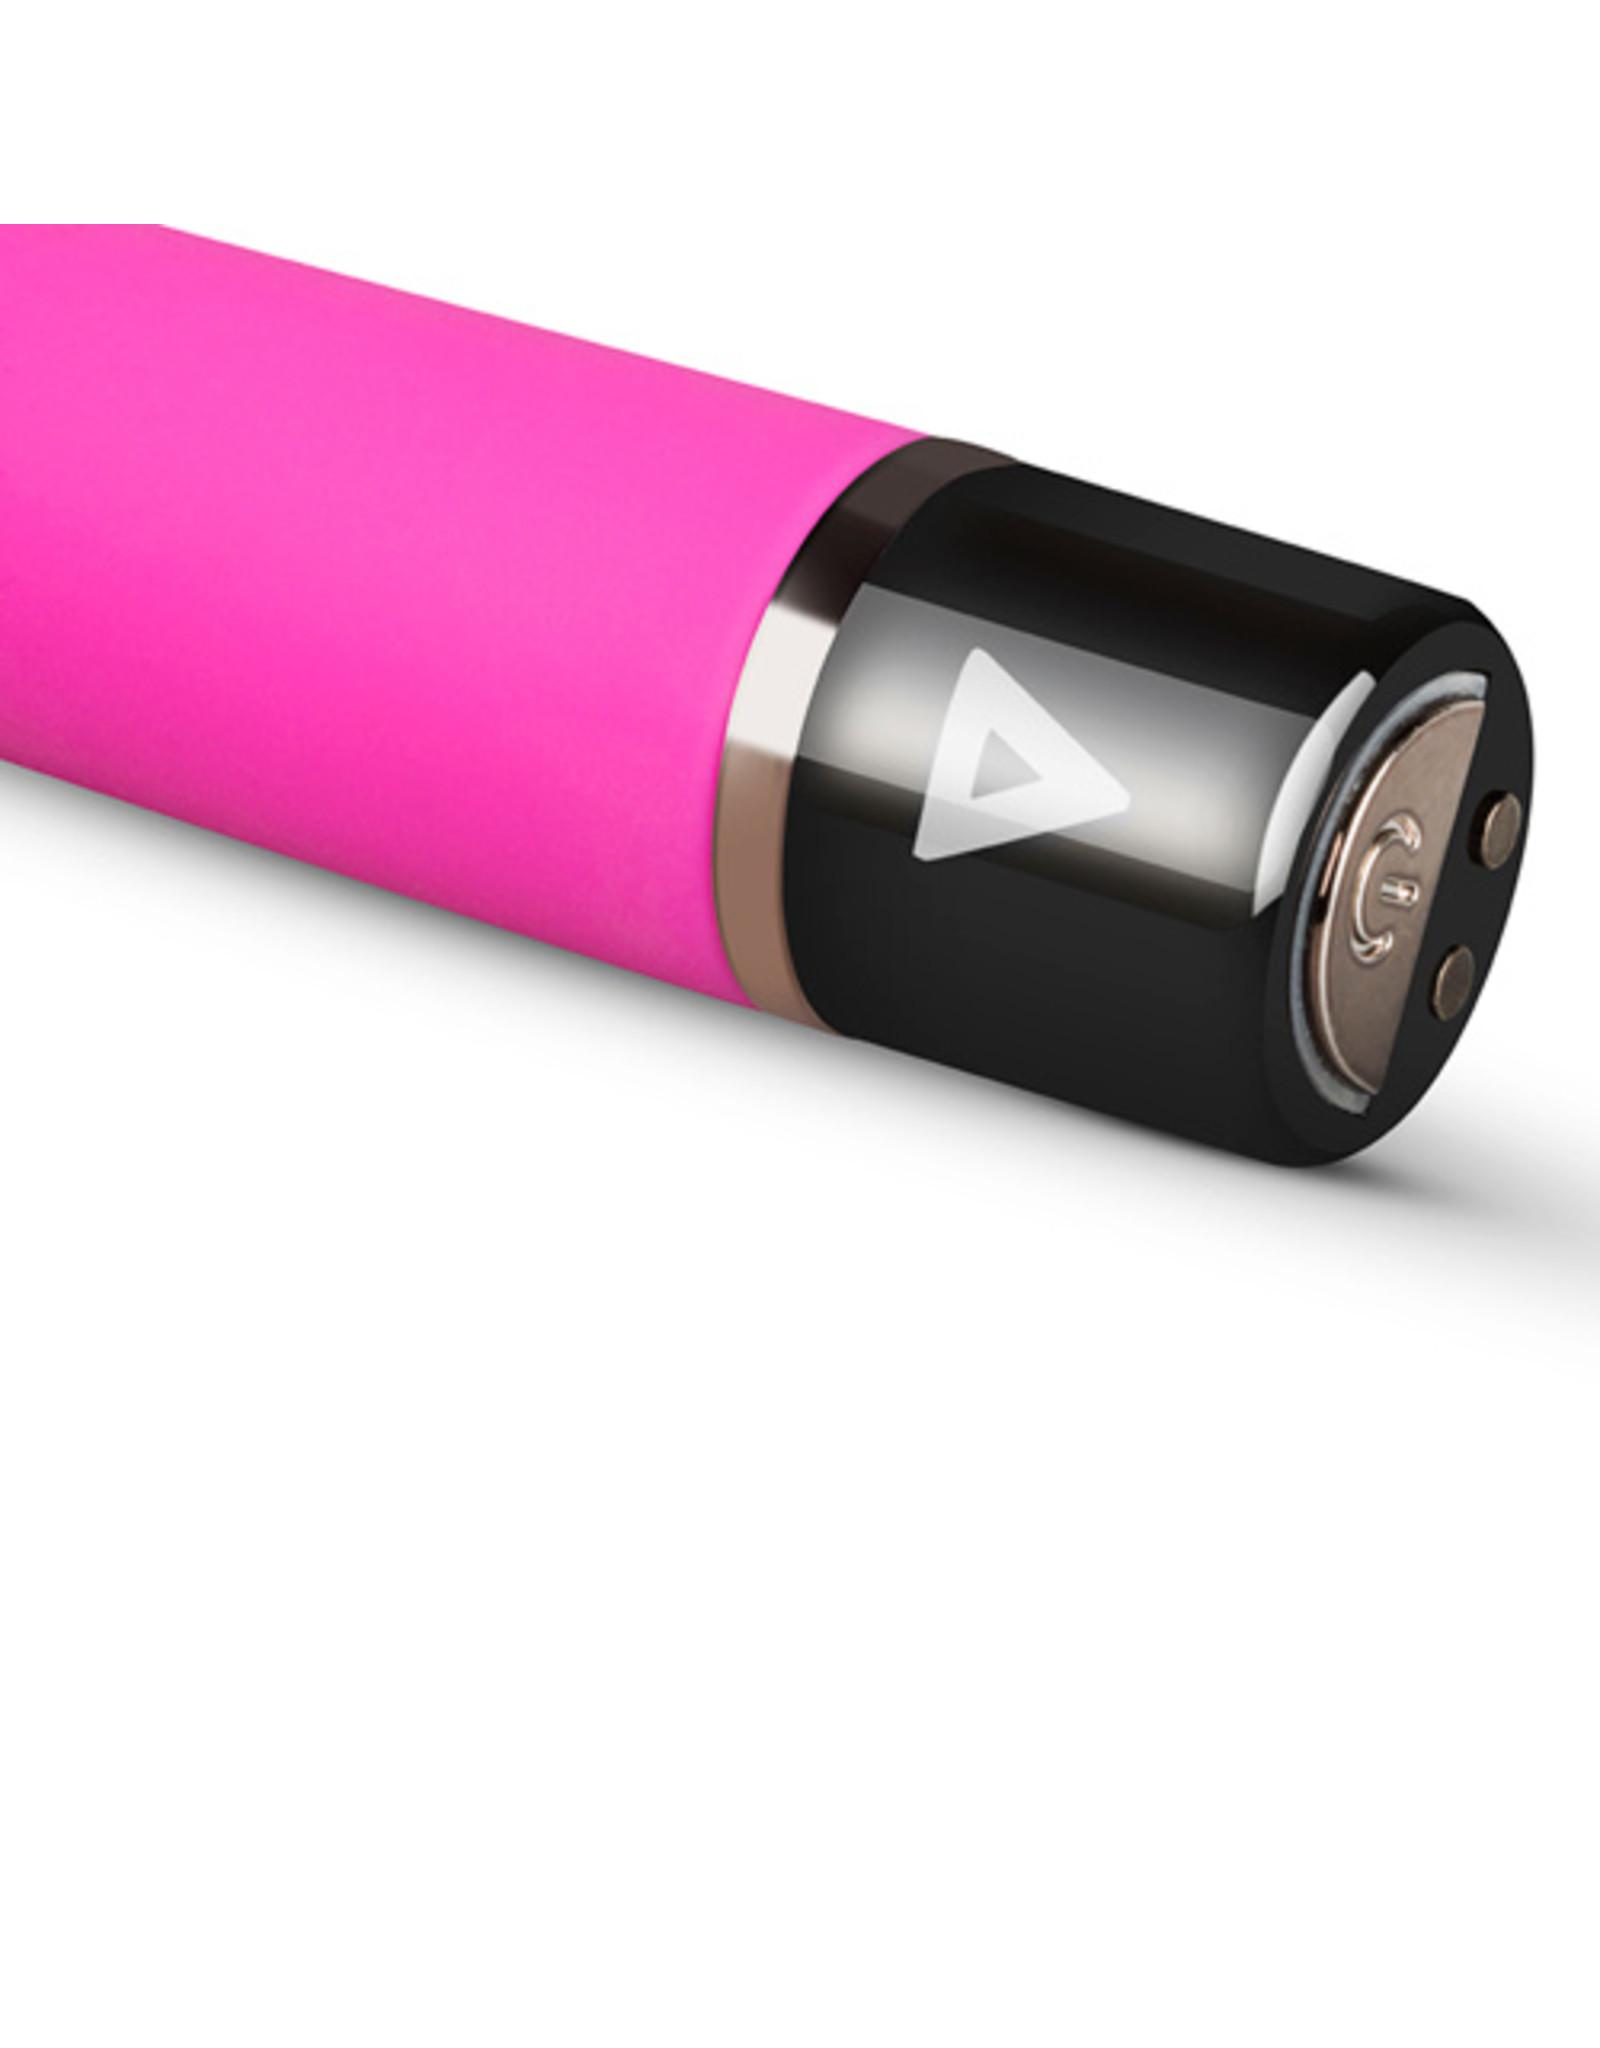 Lil'Vibe Lil'Bullet Vibrator